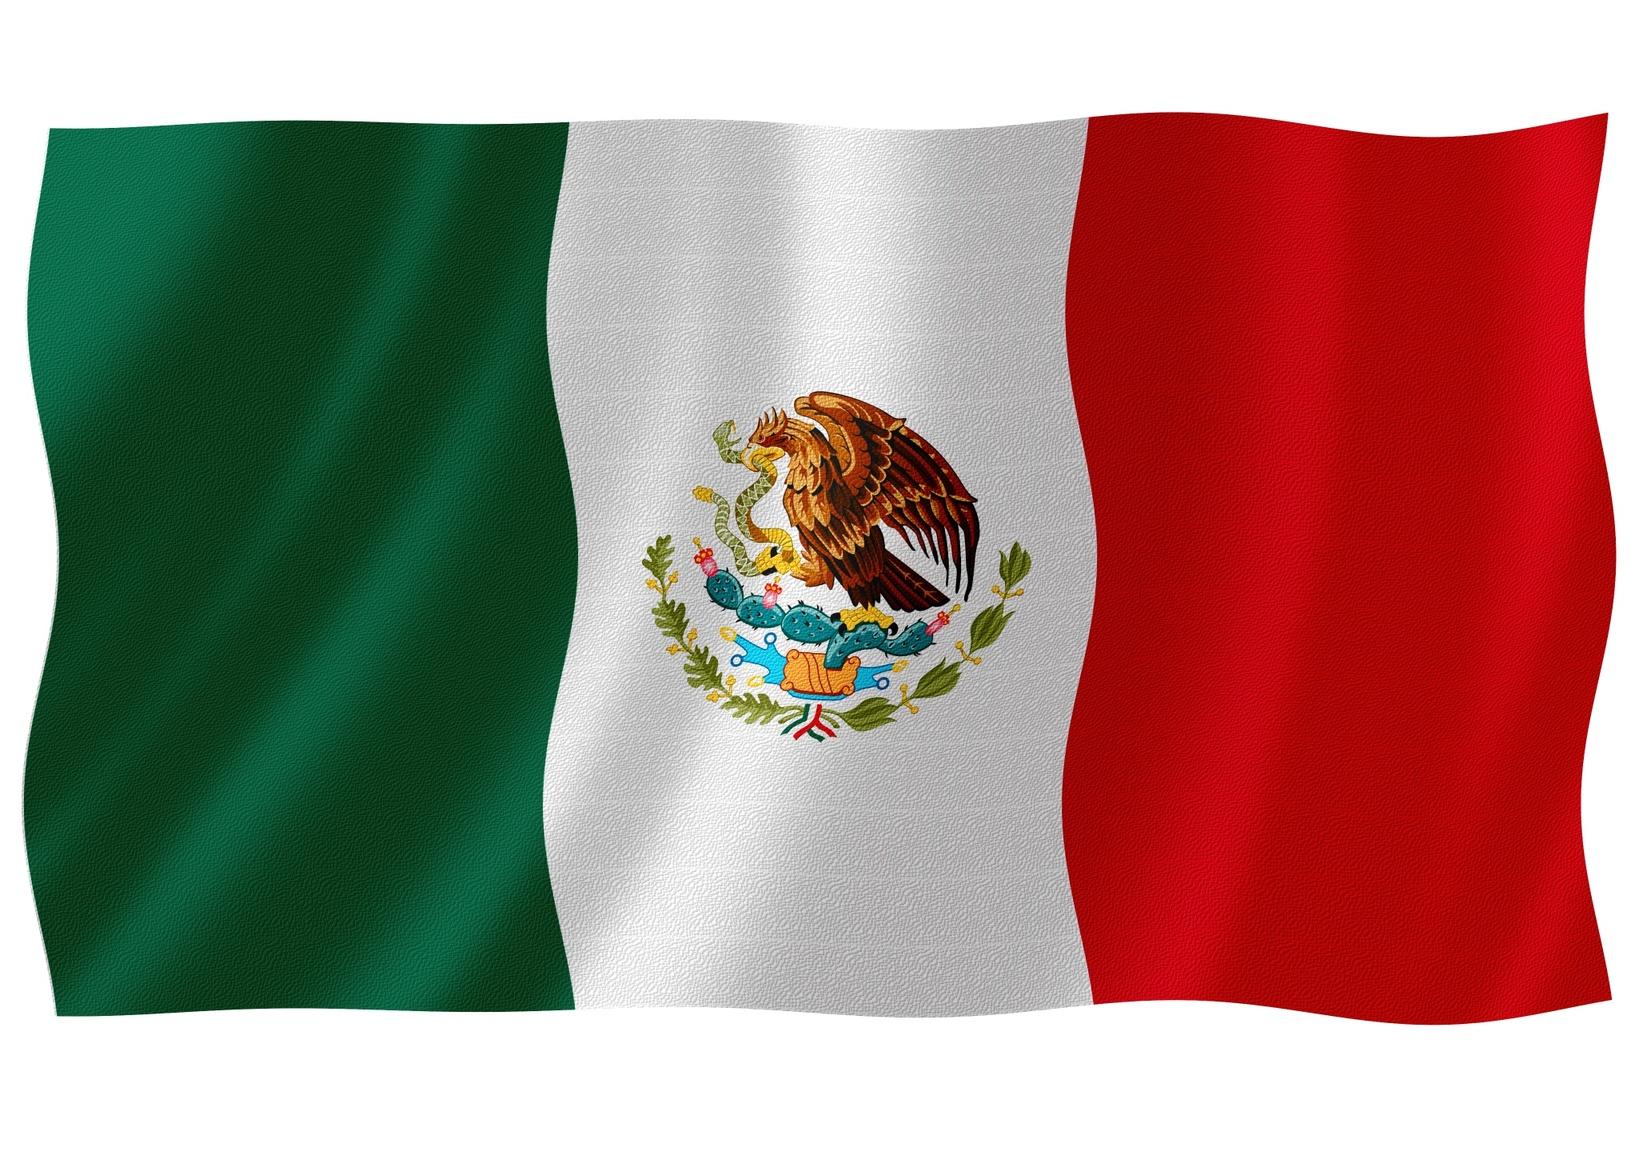 лев мексиканский флаг фото картинки своей семье